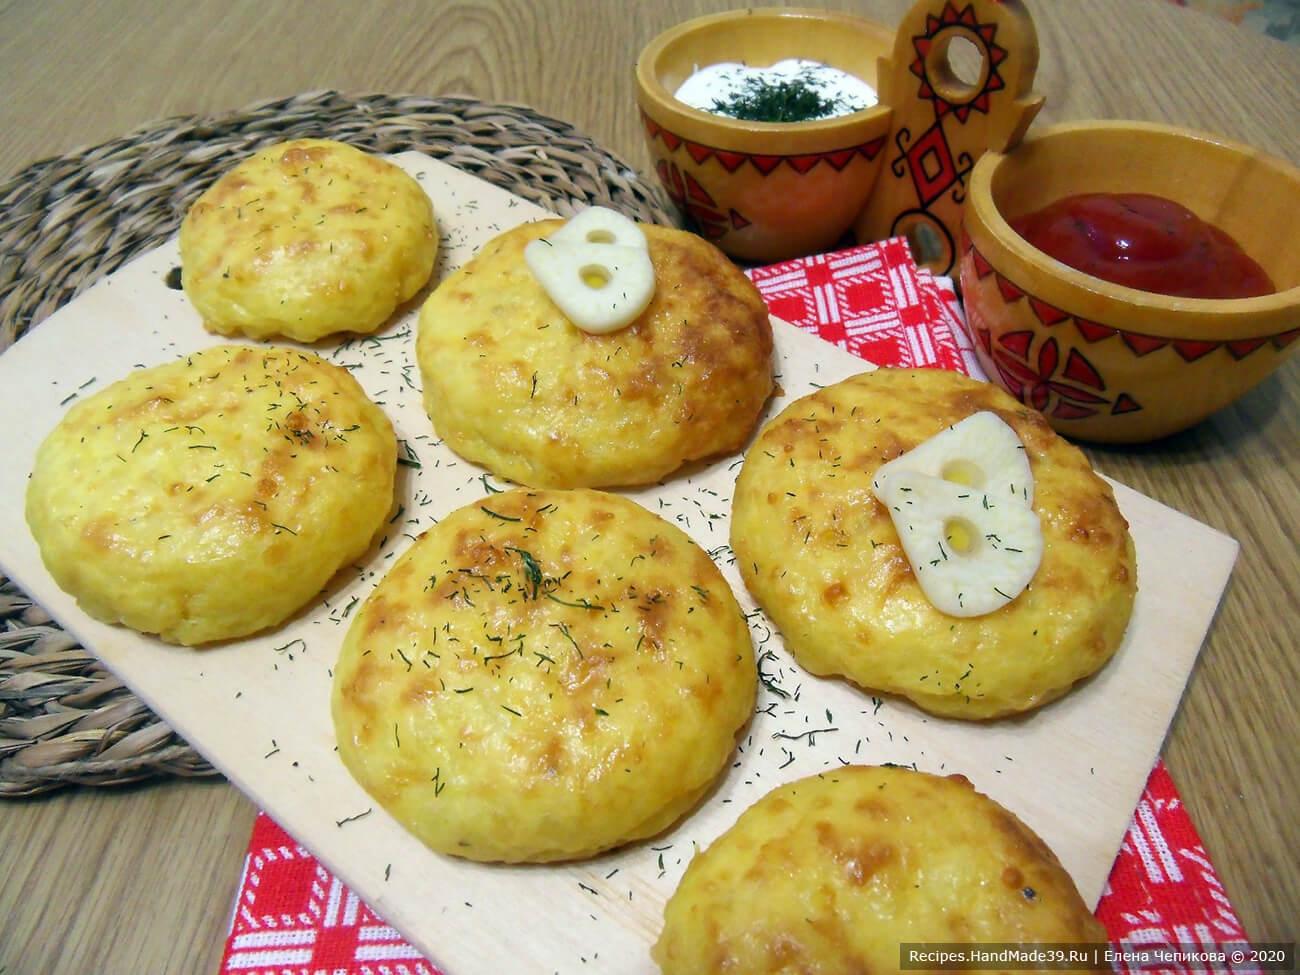 Оладьи из картофельного пюре с сыром, запечённые в духовке